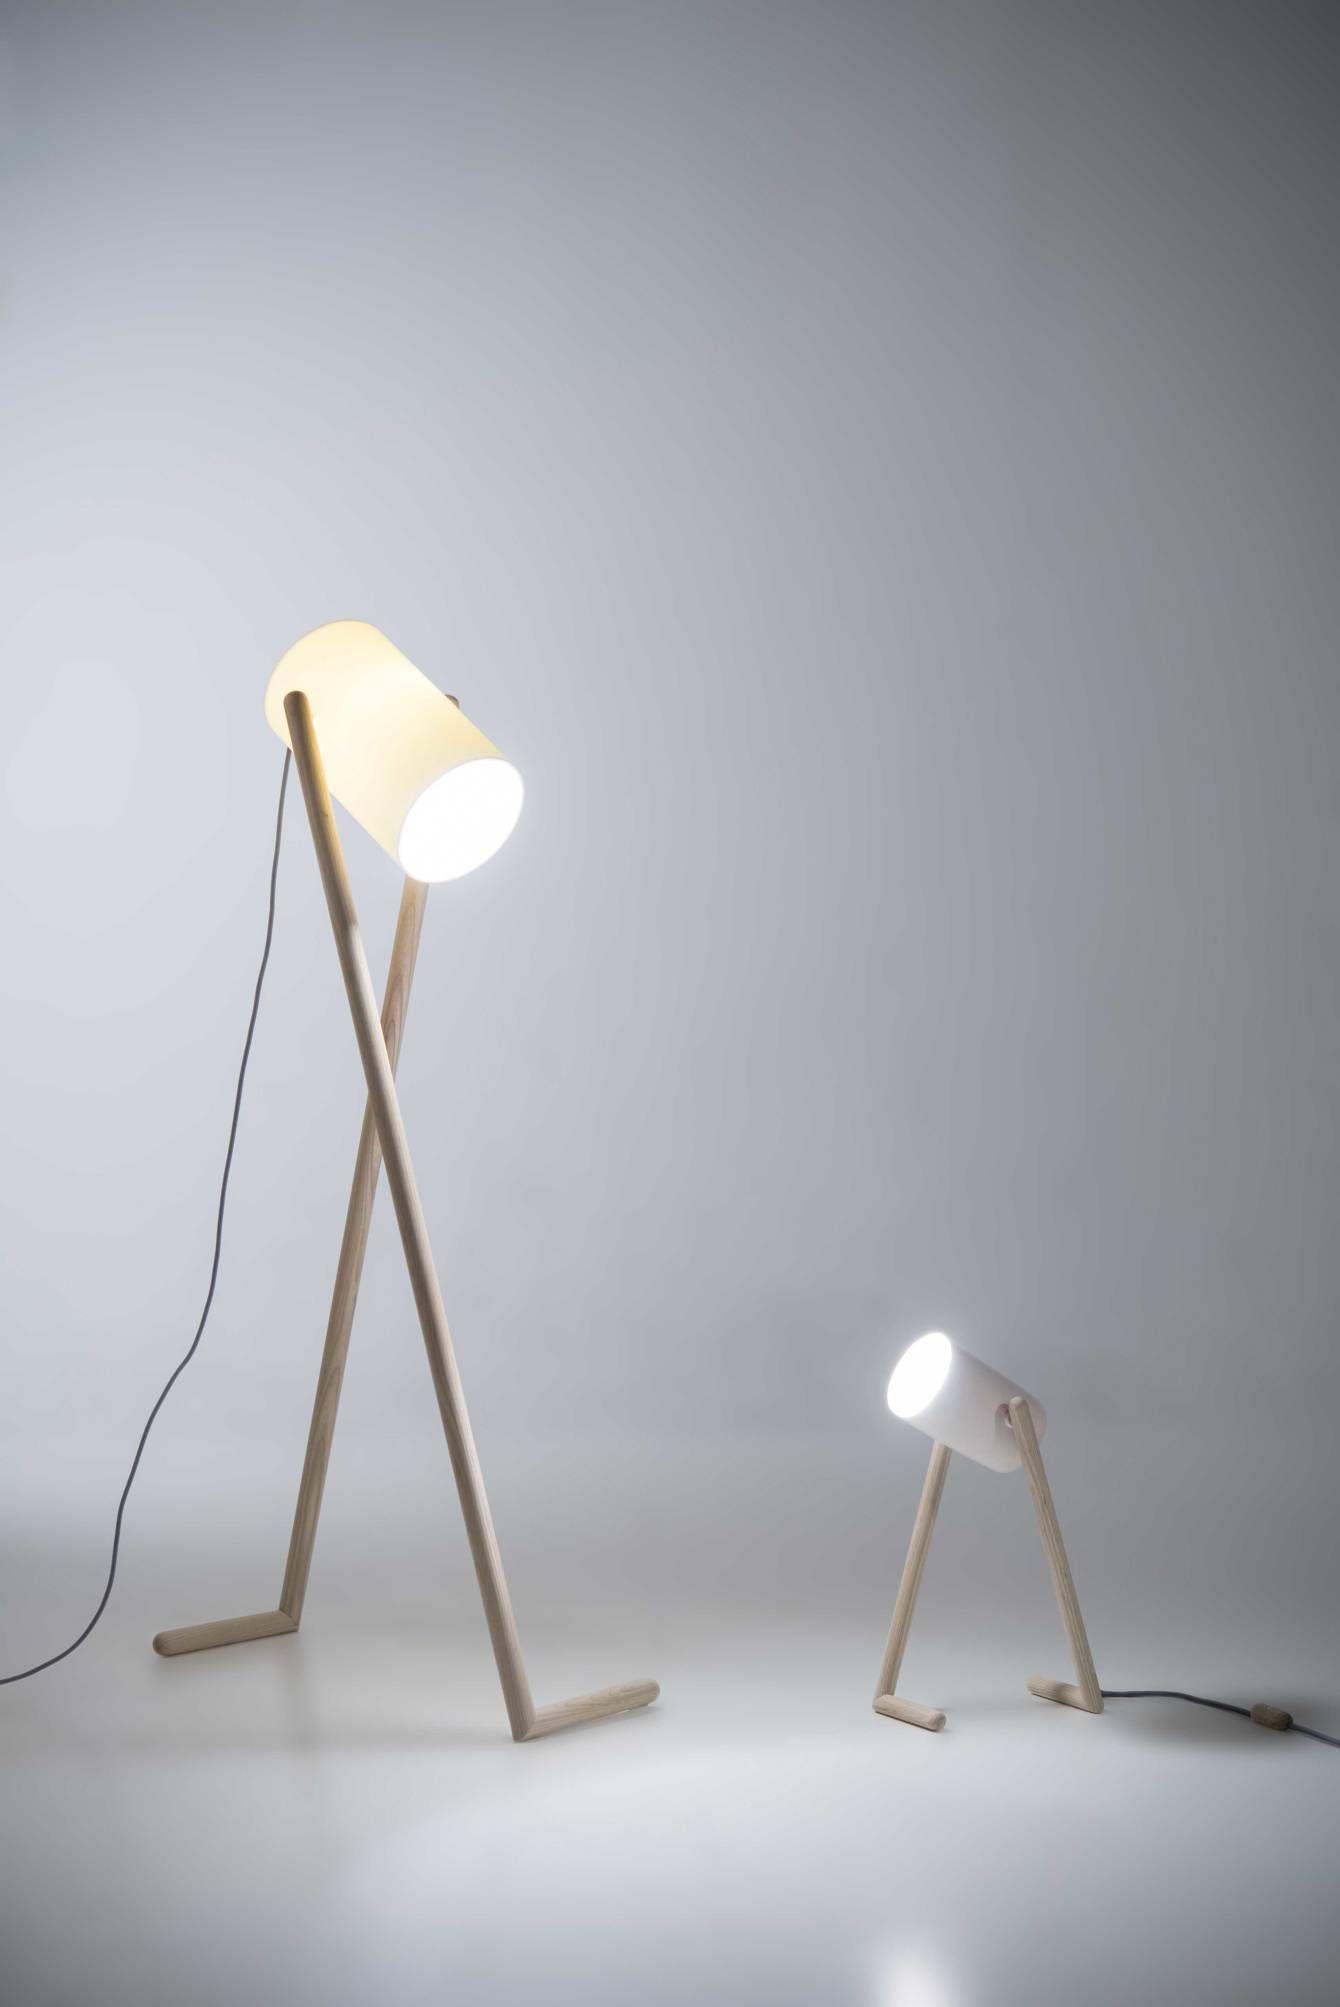 Luminária de PVC com foco de luz direcionado